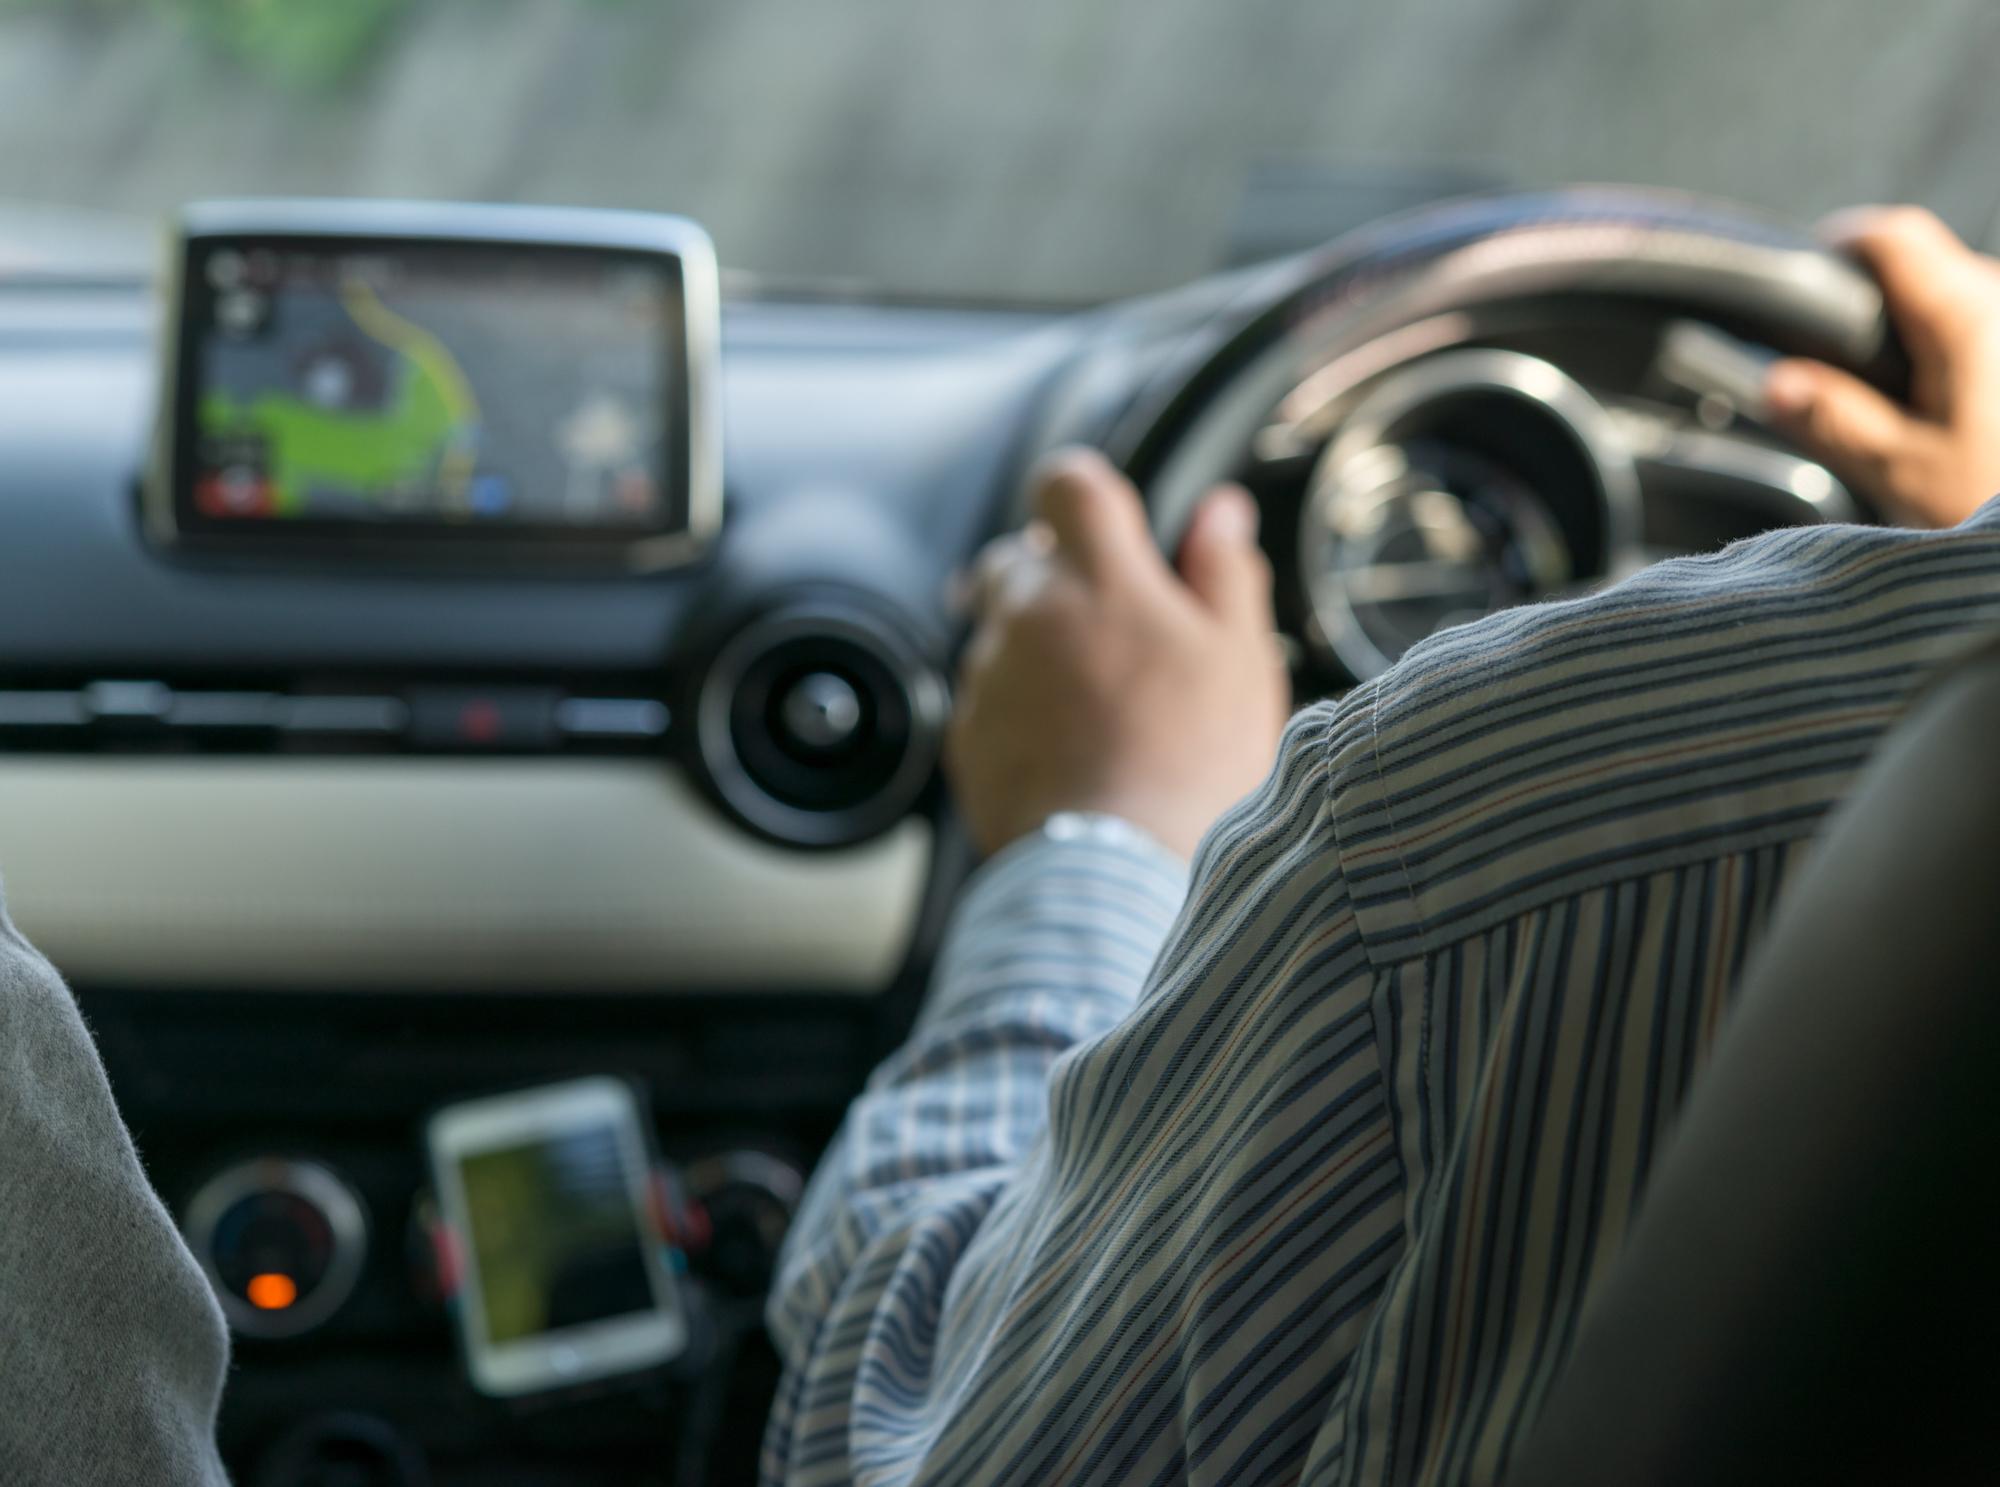 アイキャッチ:宮崎県の軽乗用車暴走事故の運転手、認知症の治療を受けていたことが判明